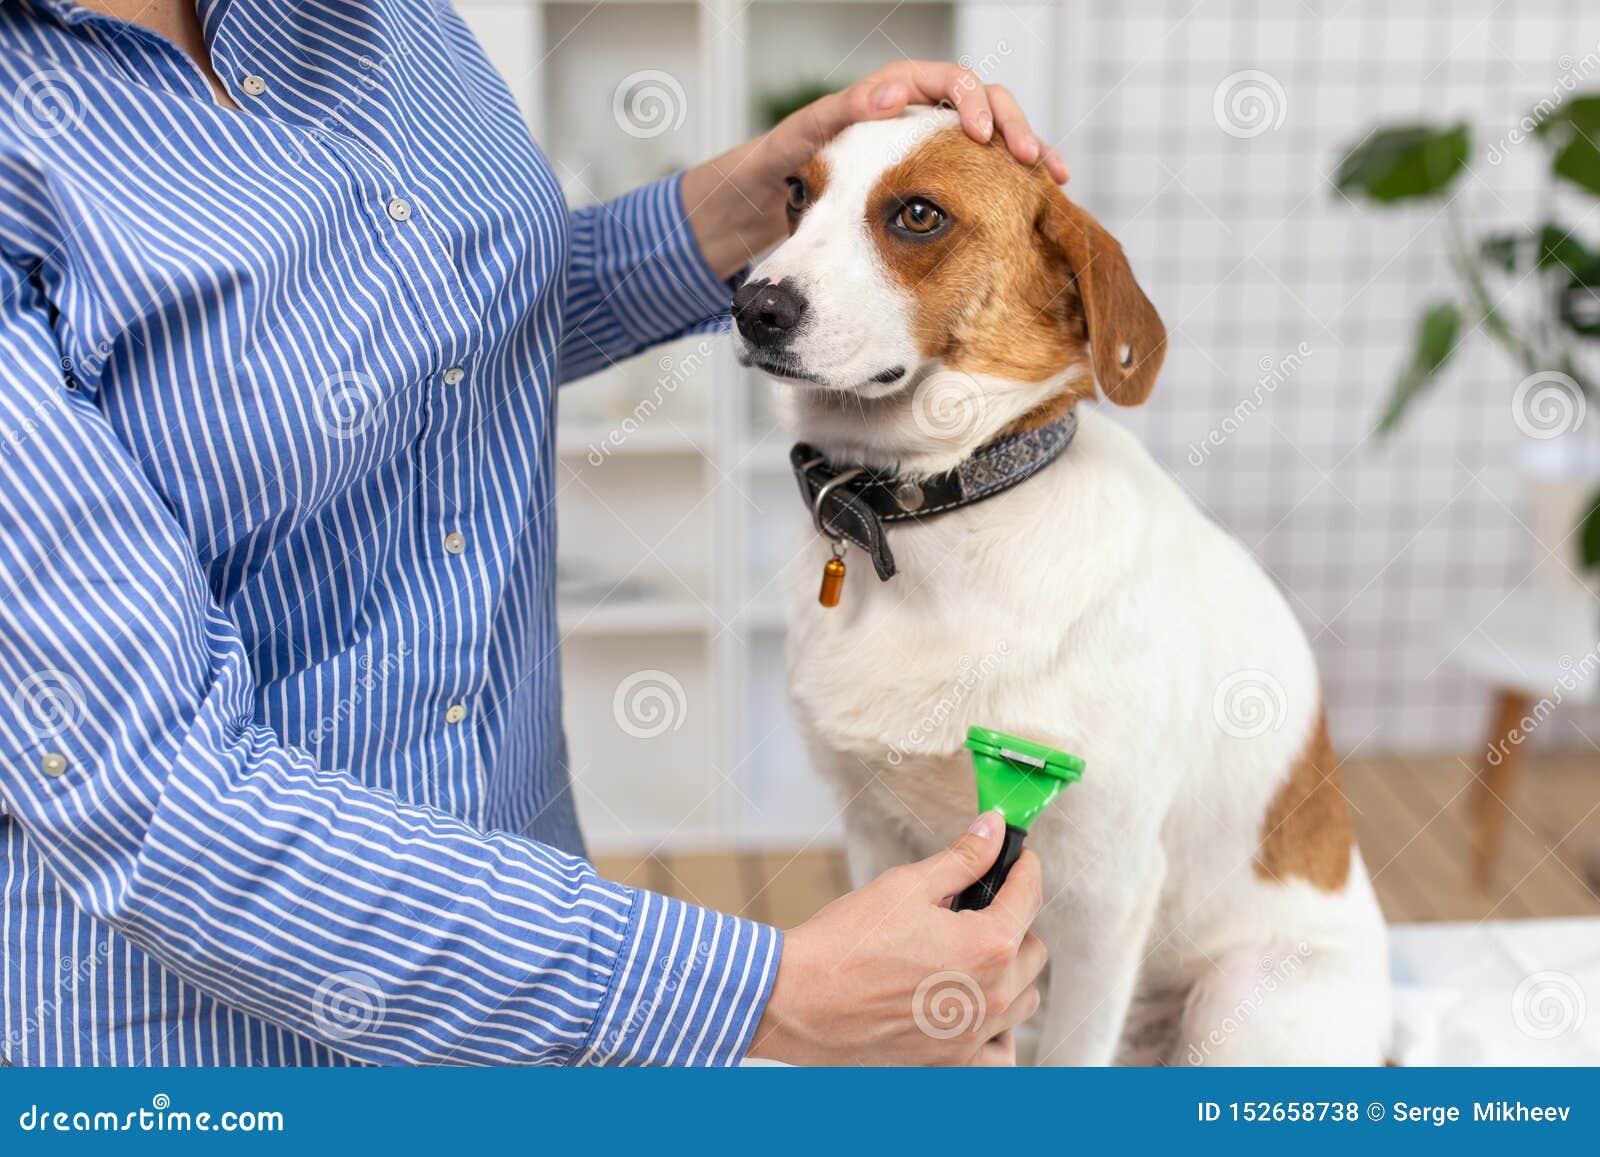 Ägaren kammar hundhåret med en hårkam close upp suddighet bakgrund